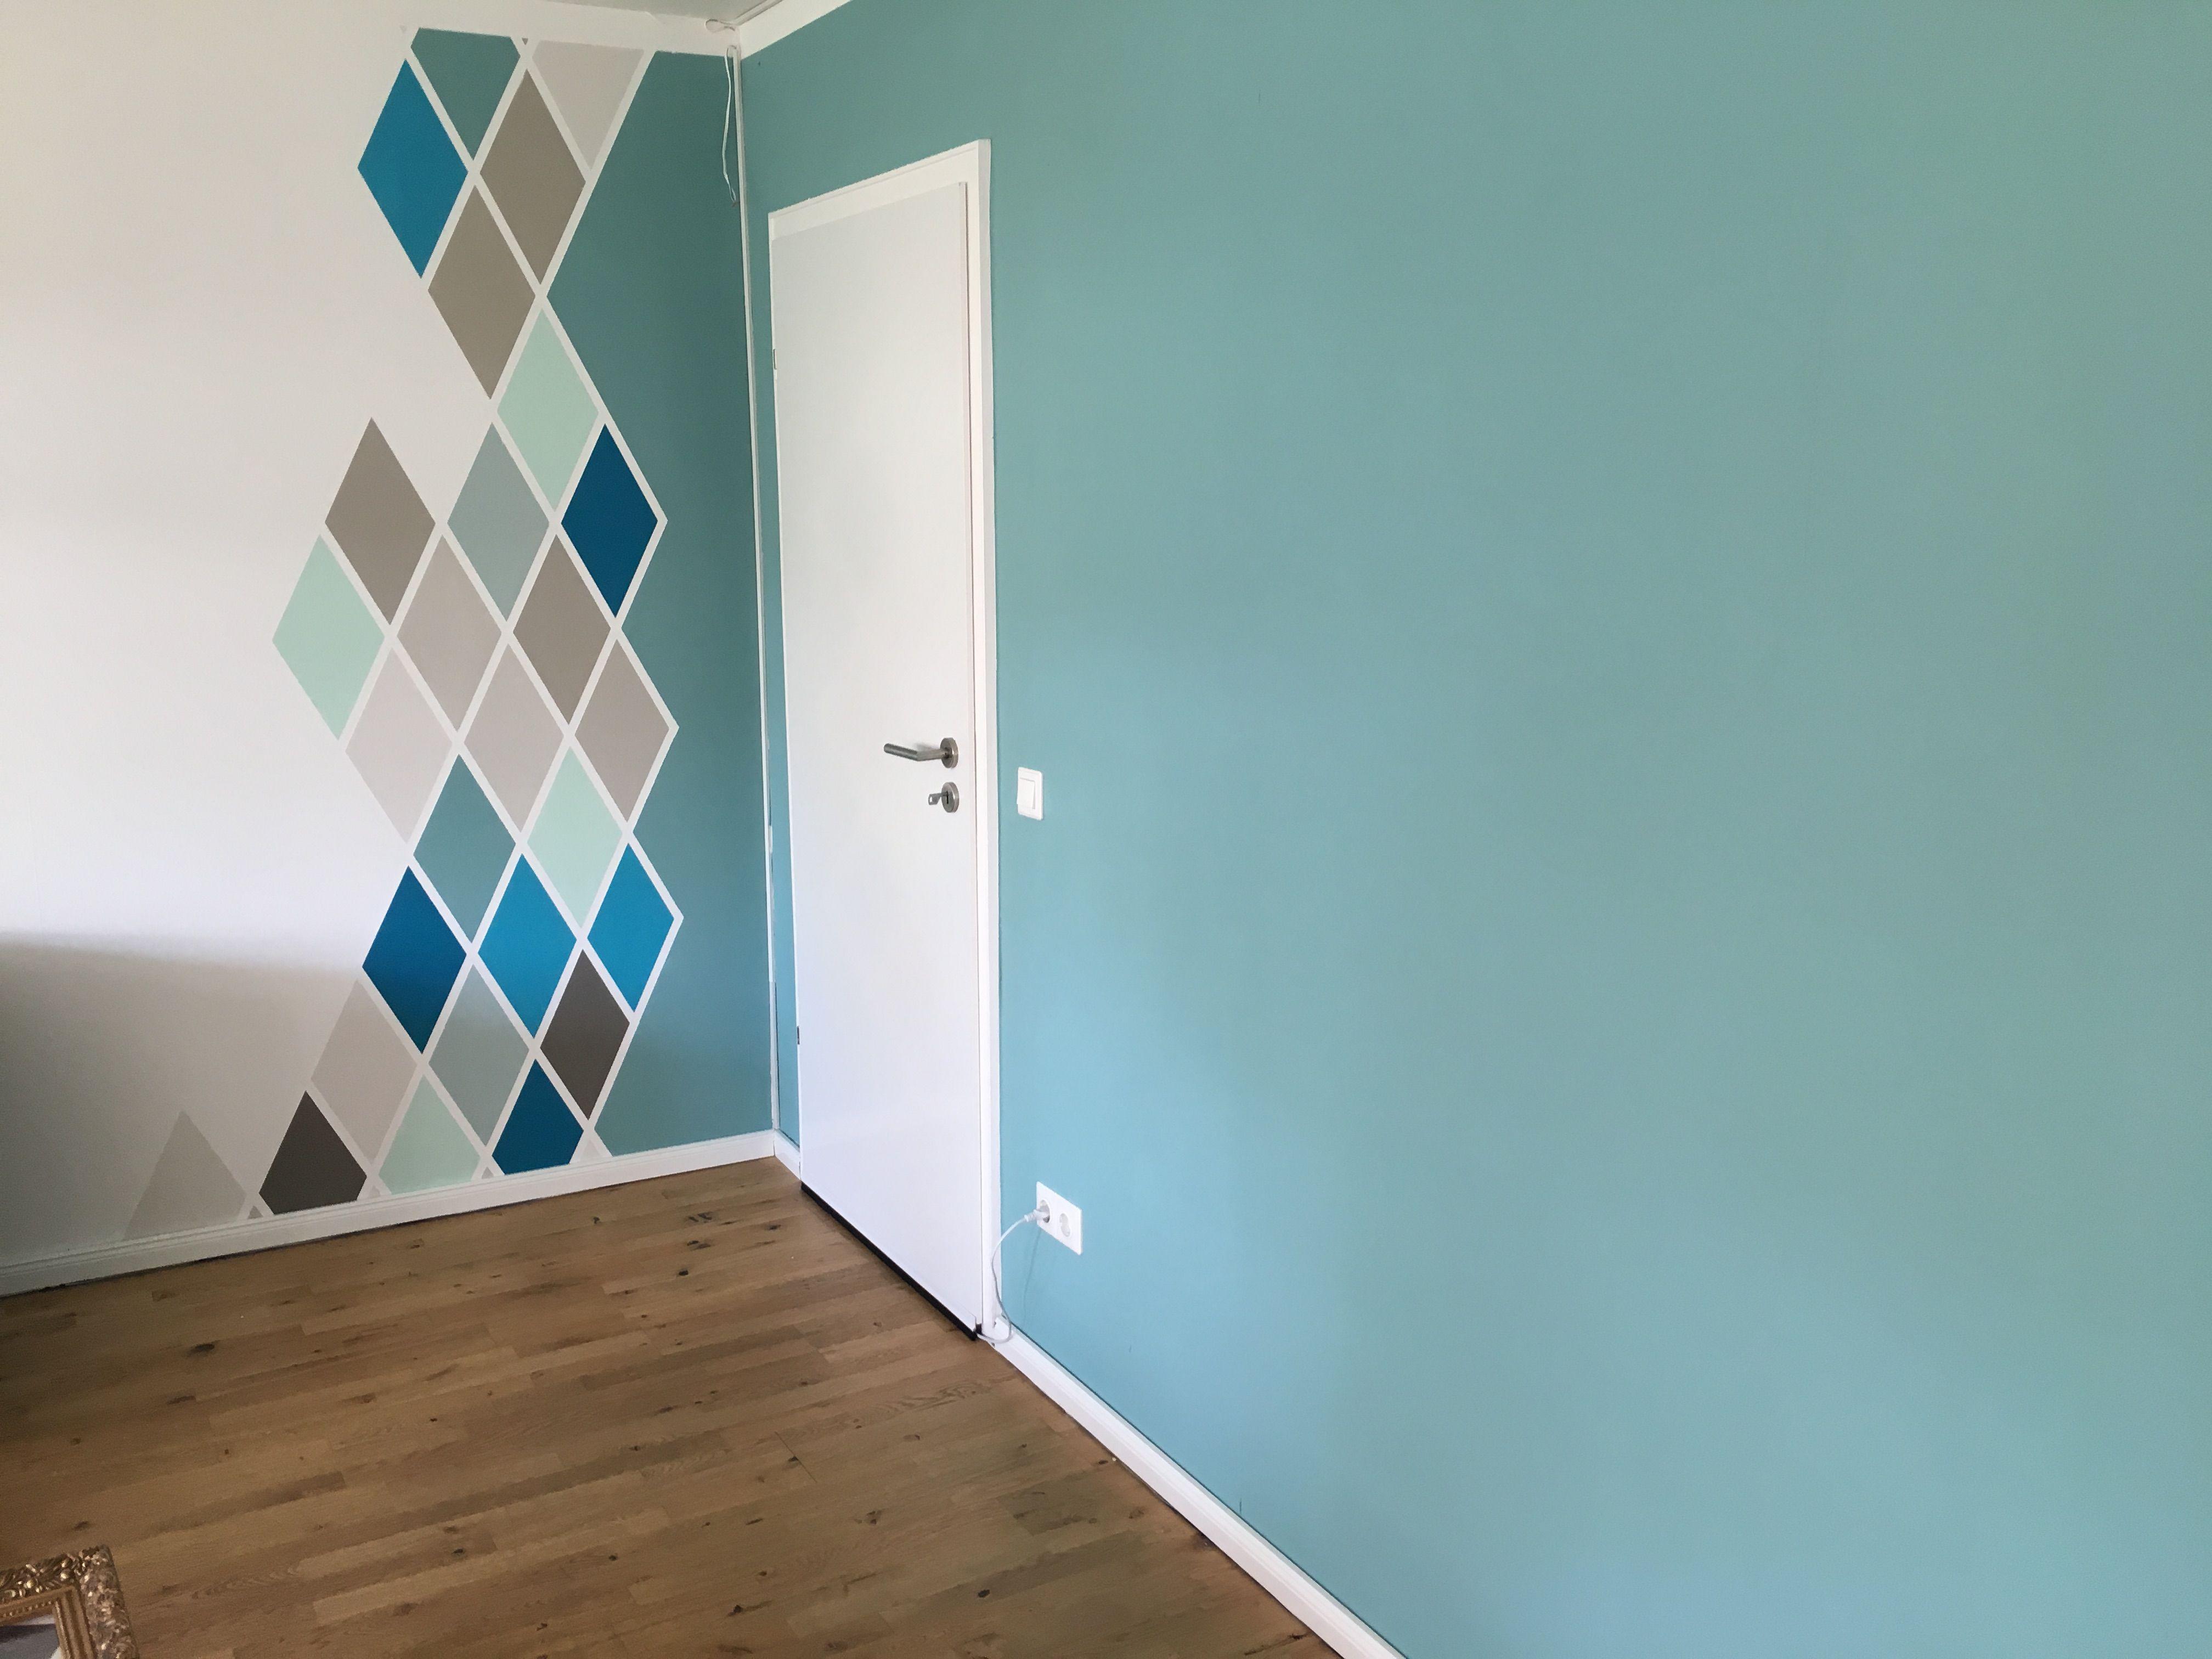 karomuster im wohnzimmer mit schöner wohnen Farbe #schönerwohnen